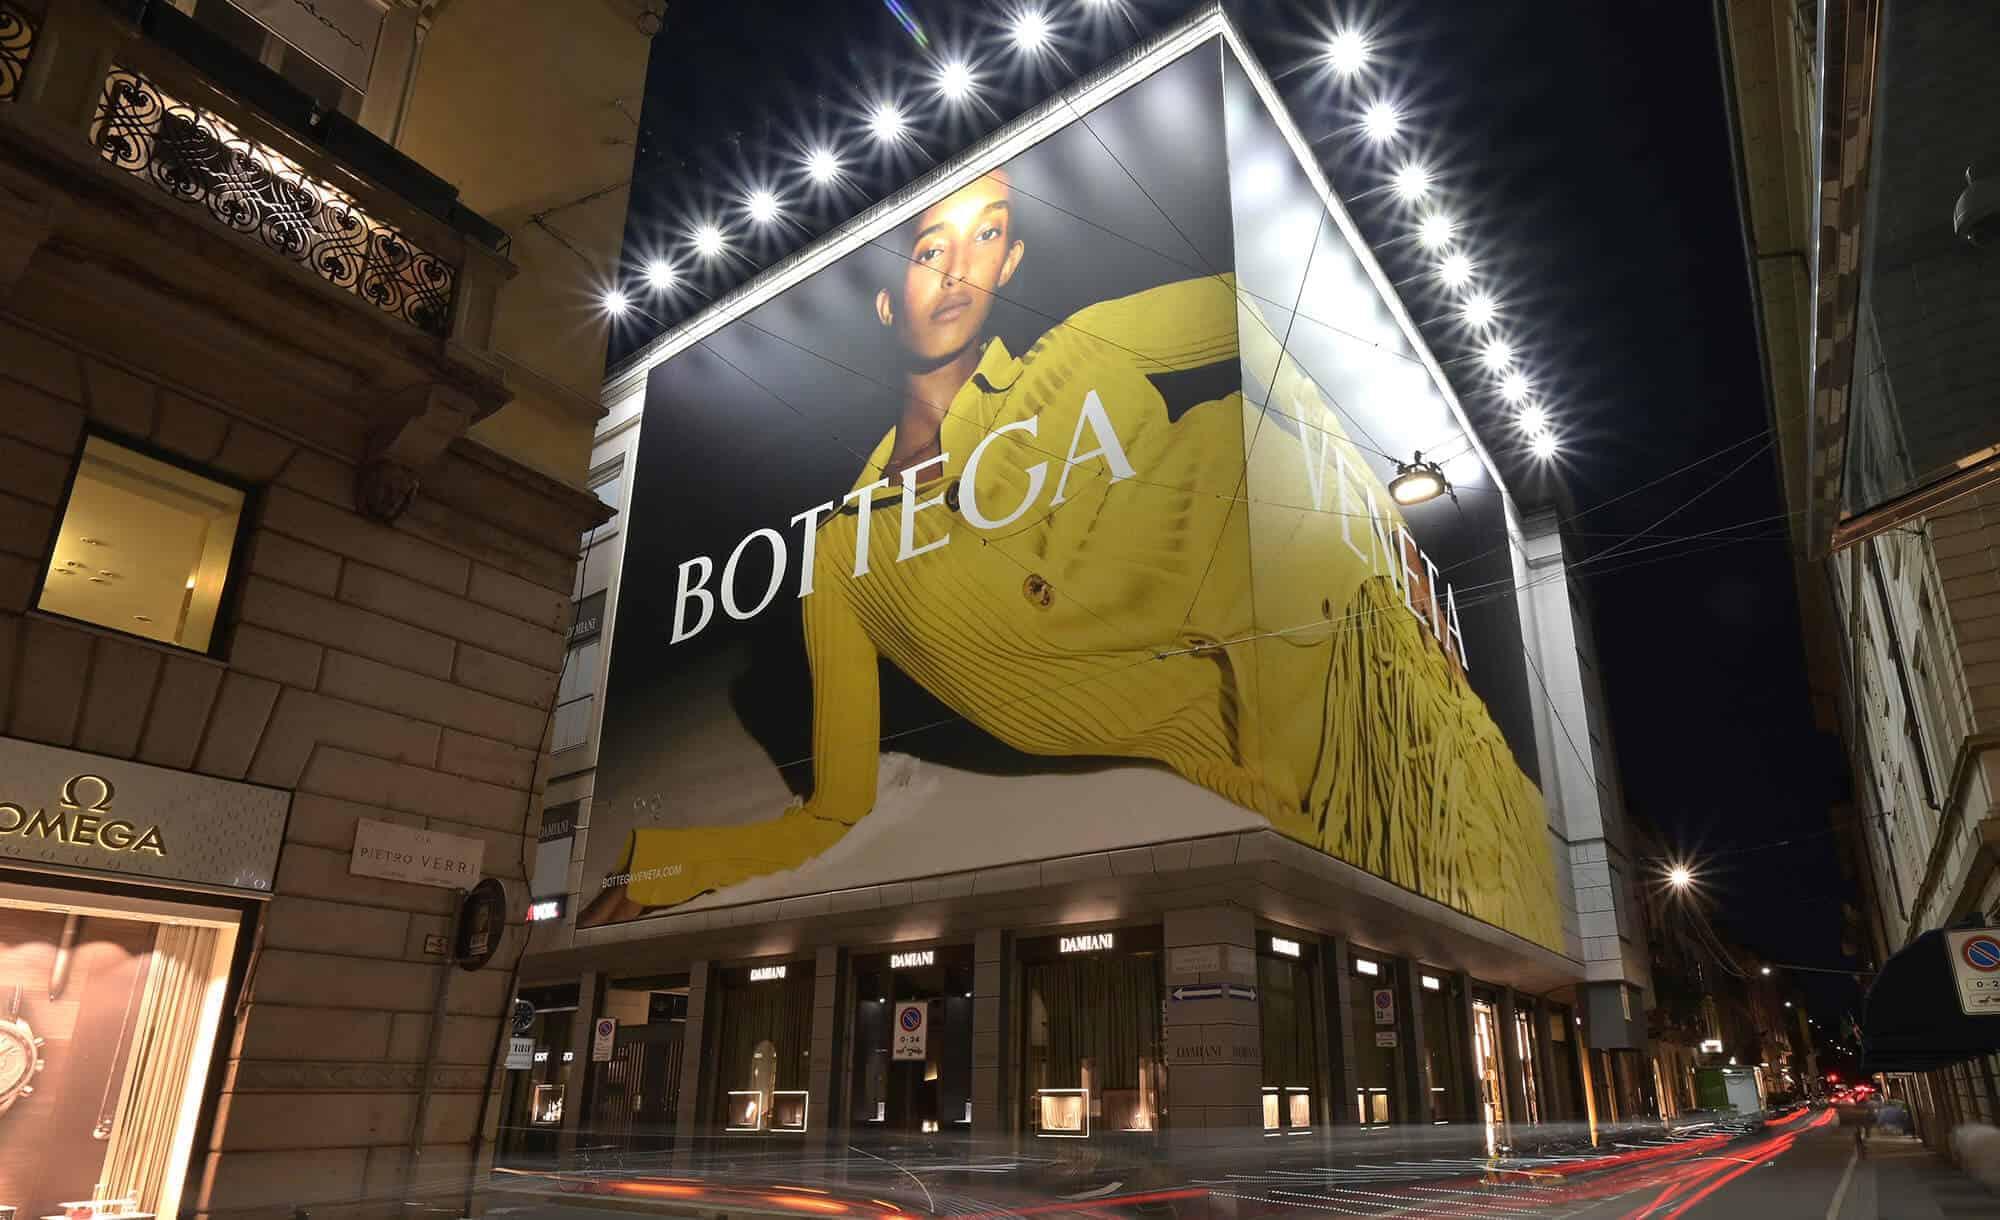 Maxi Affissione Streetvox in Via Monte Napoleone 10 a Milano con Bottega Veneta (Fashion)